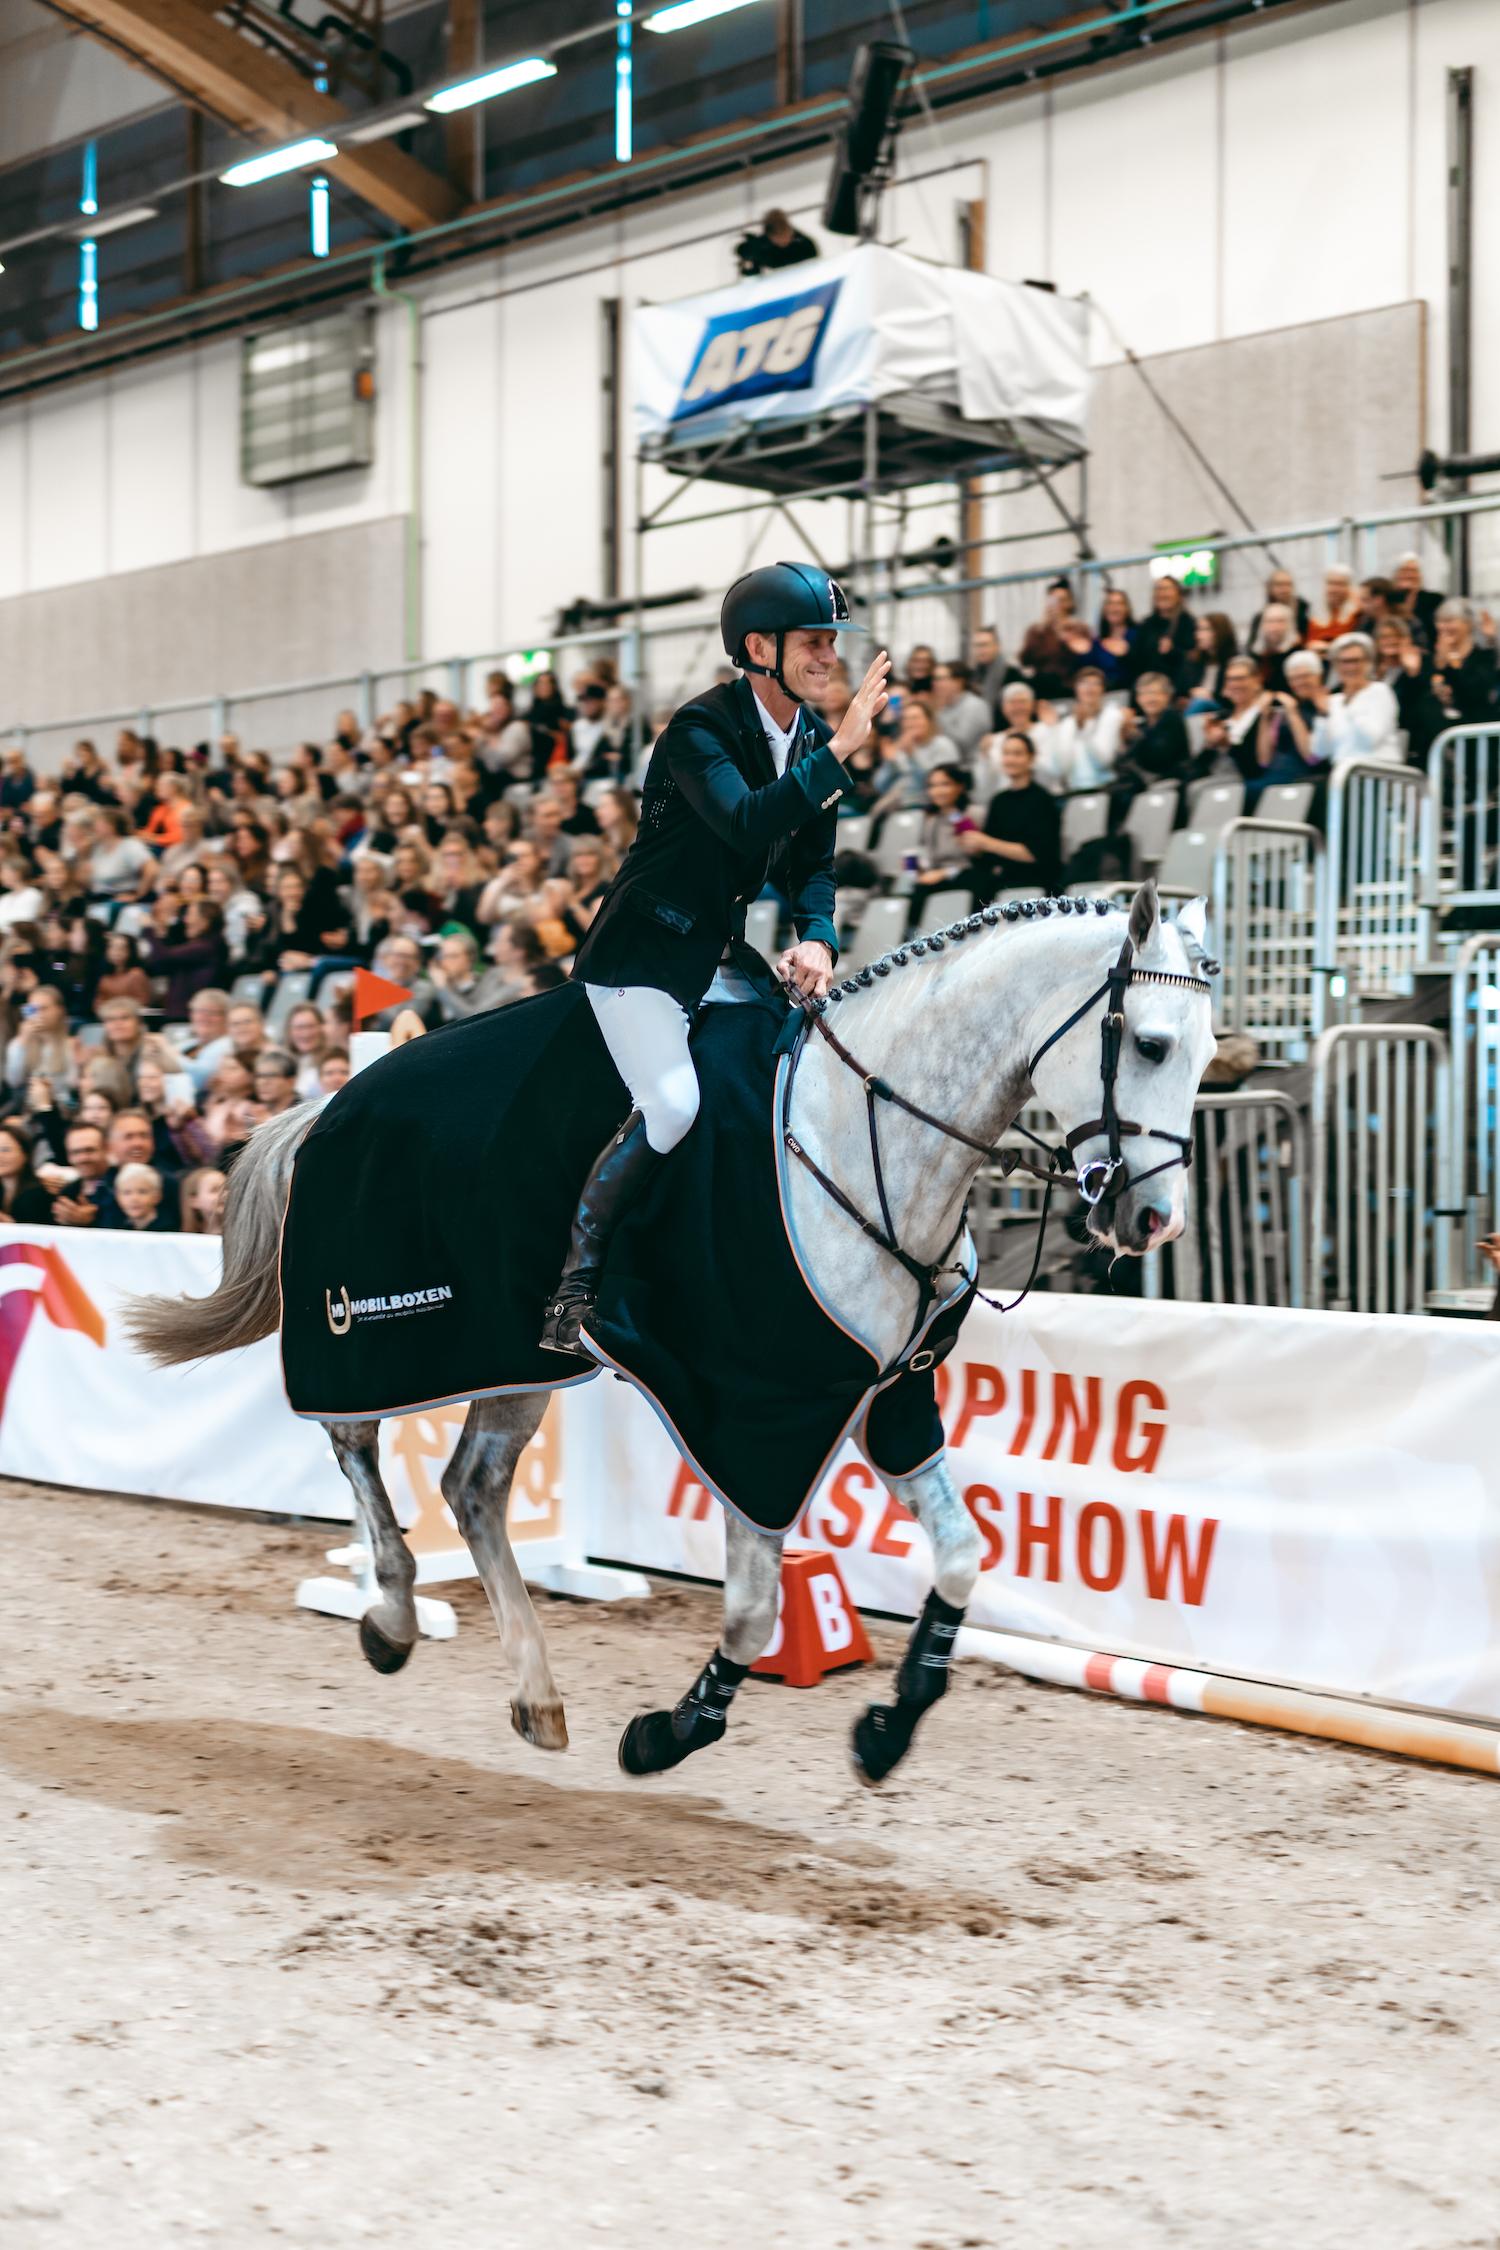 Jönköping Horse Show 28 oktober – 1 november ställs in.